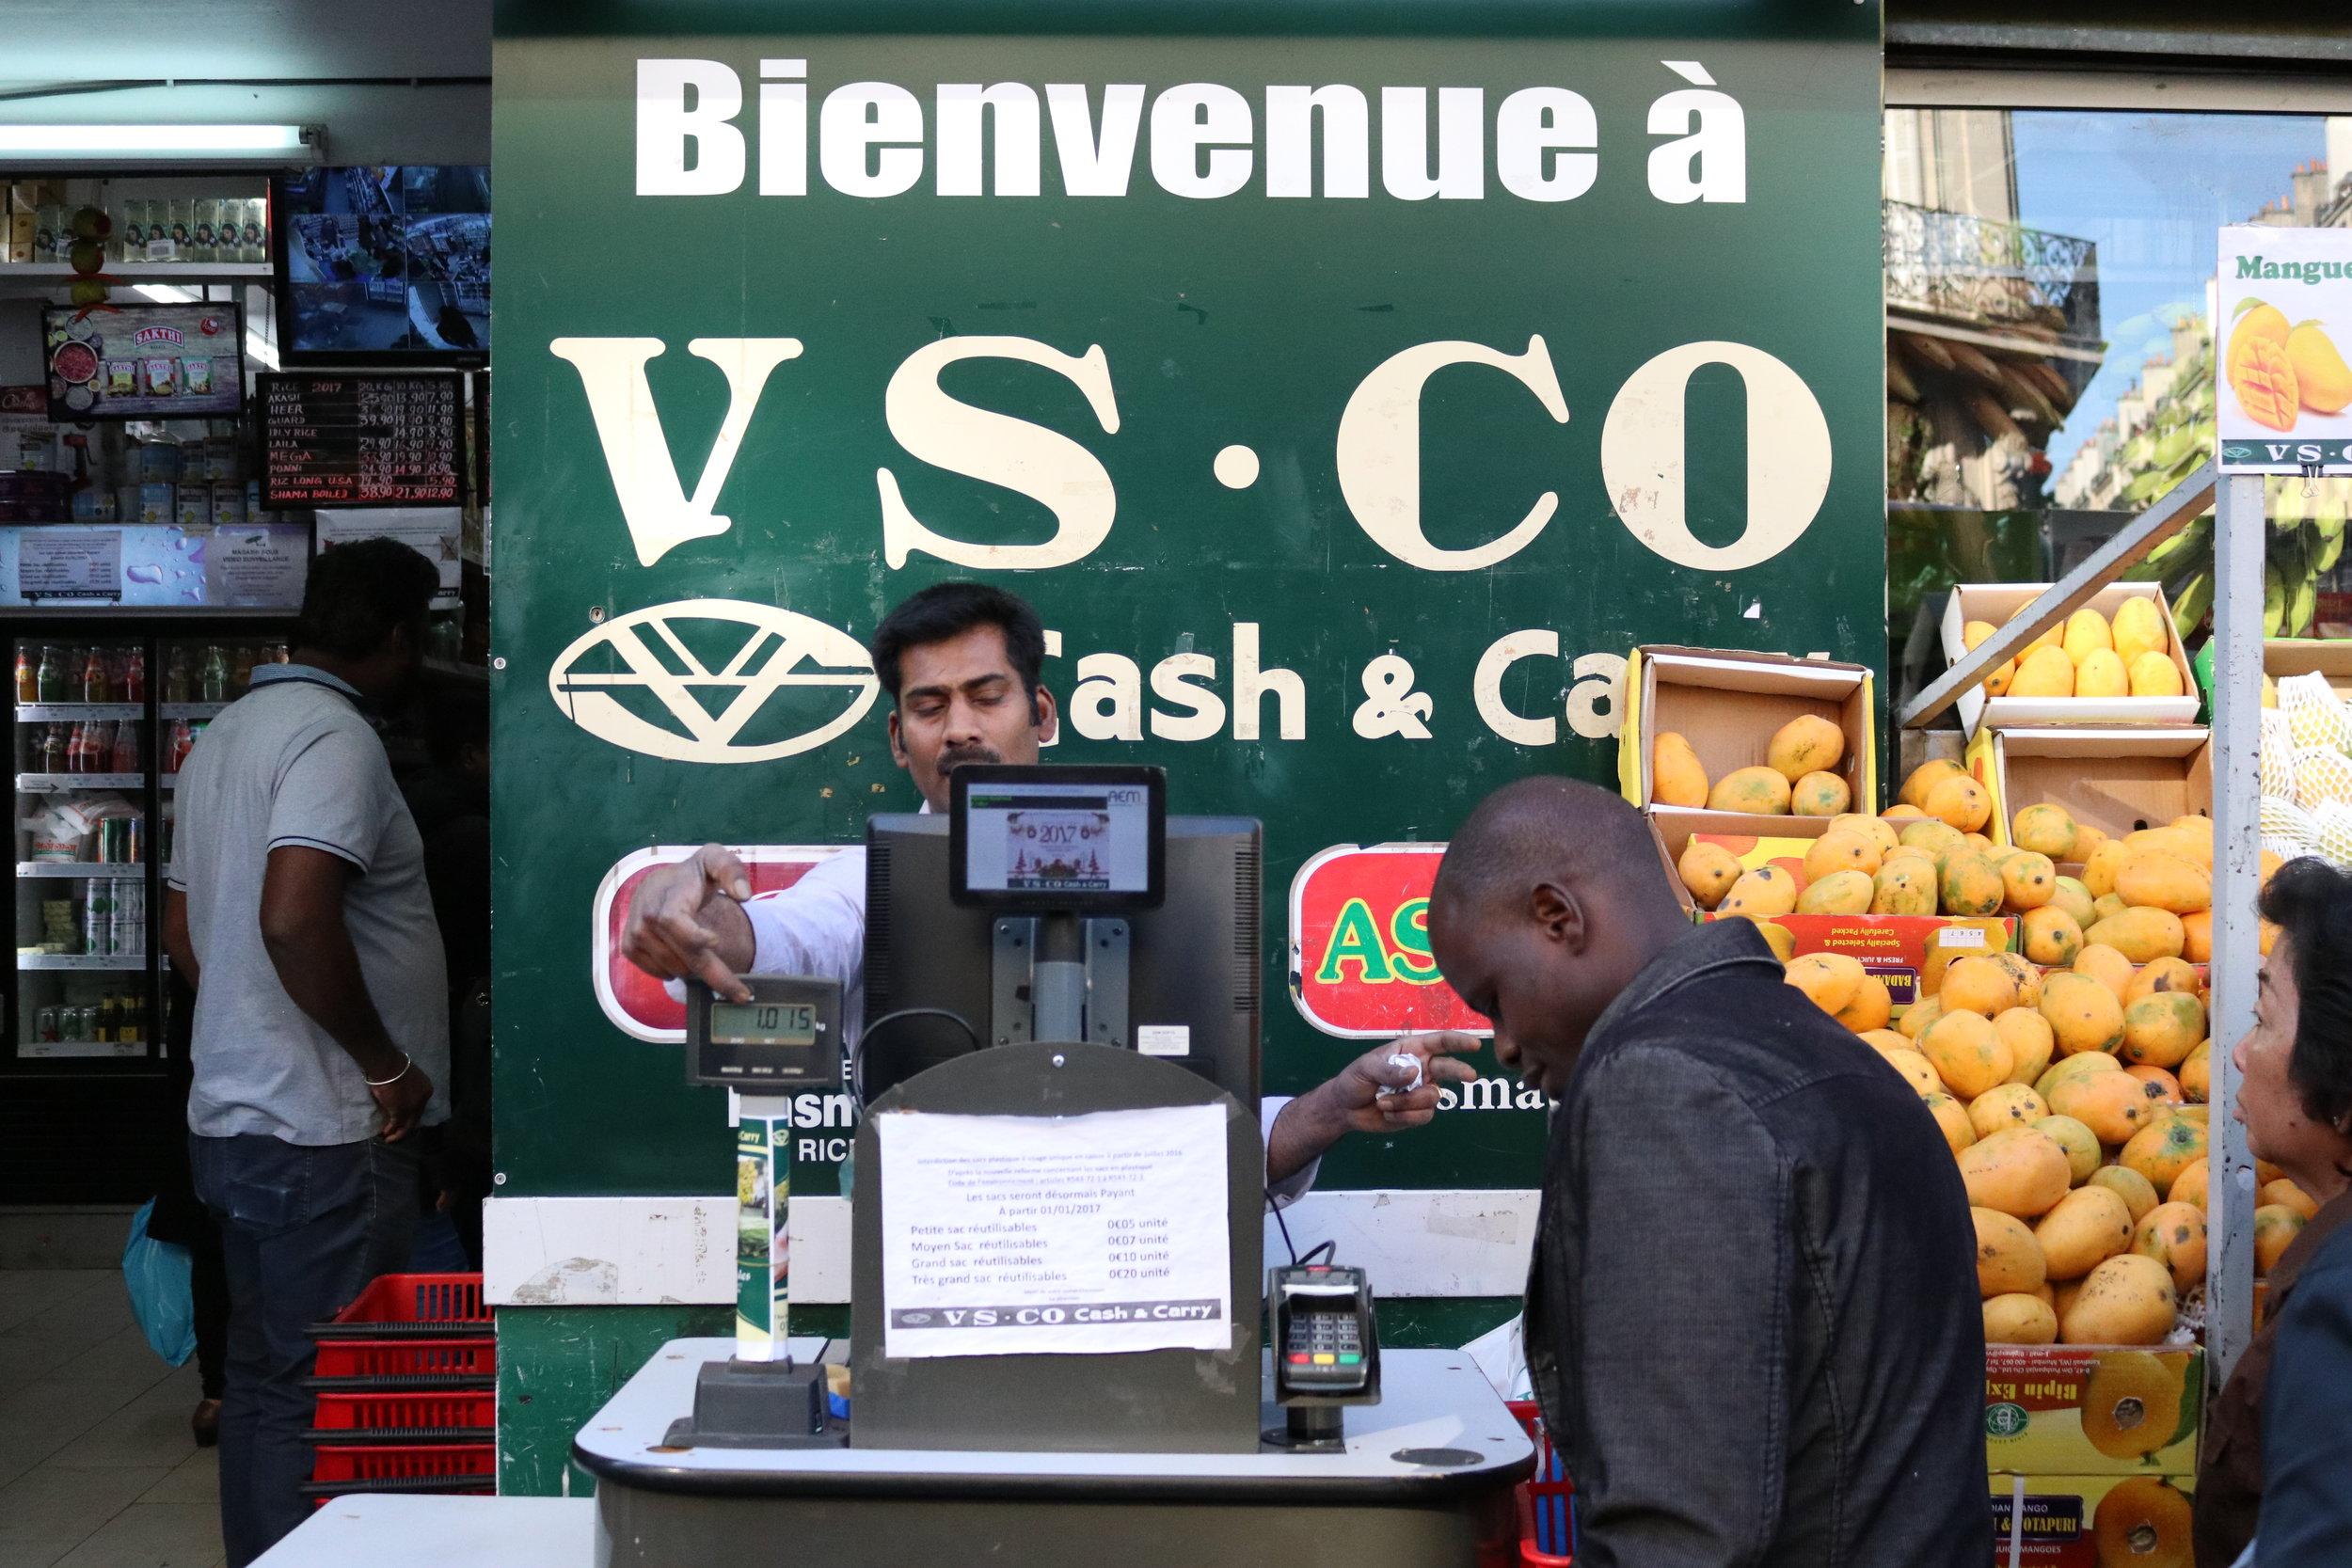 VS CO Cash & Carry